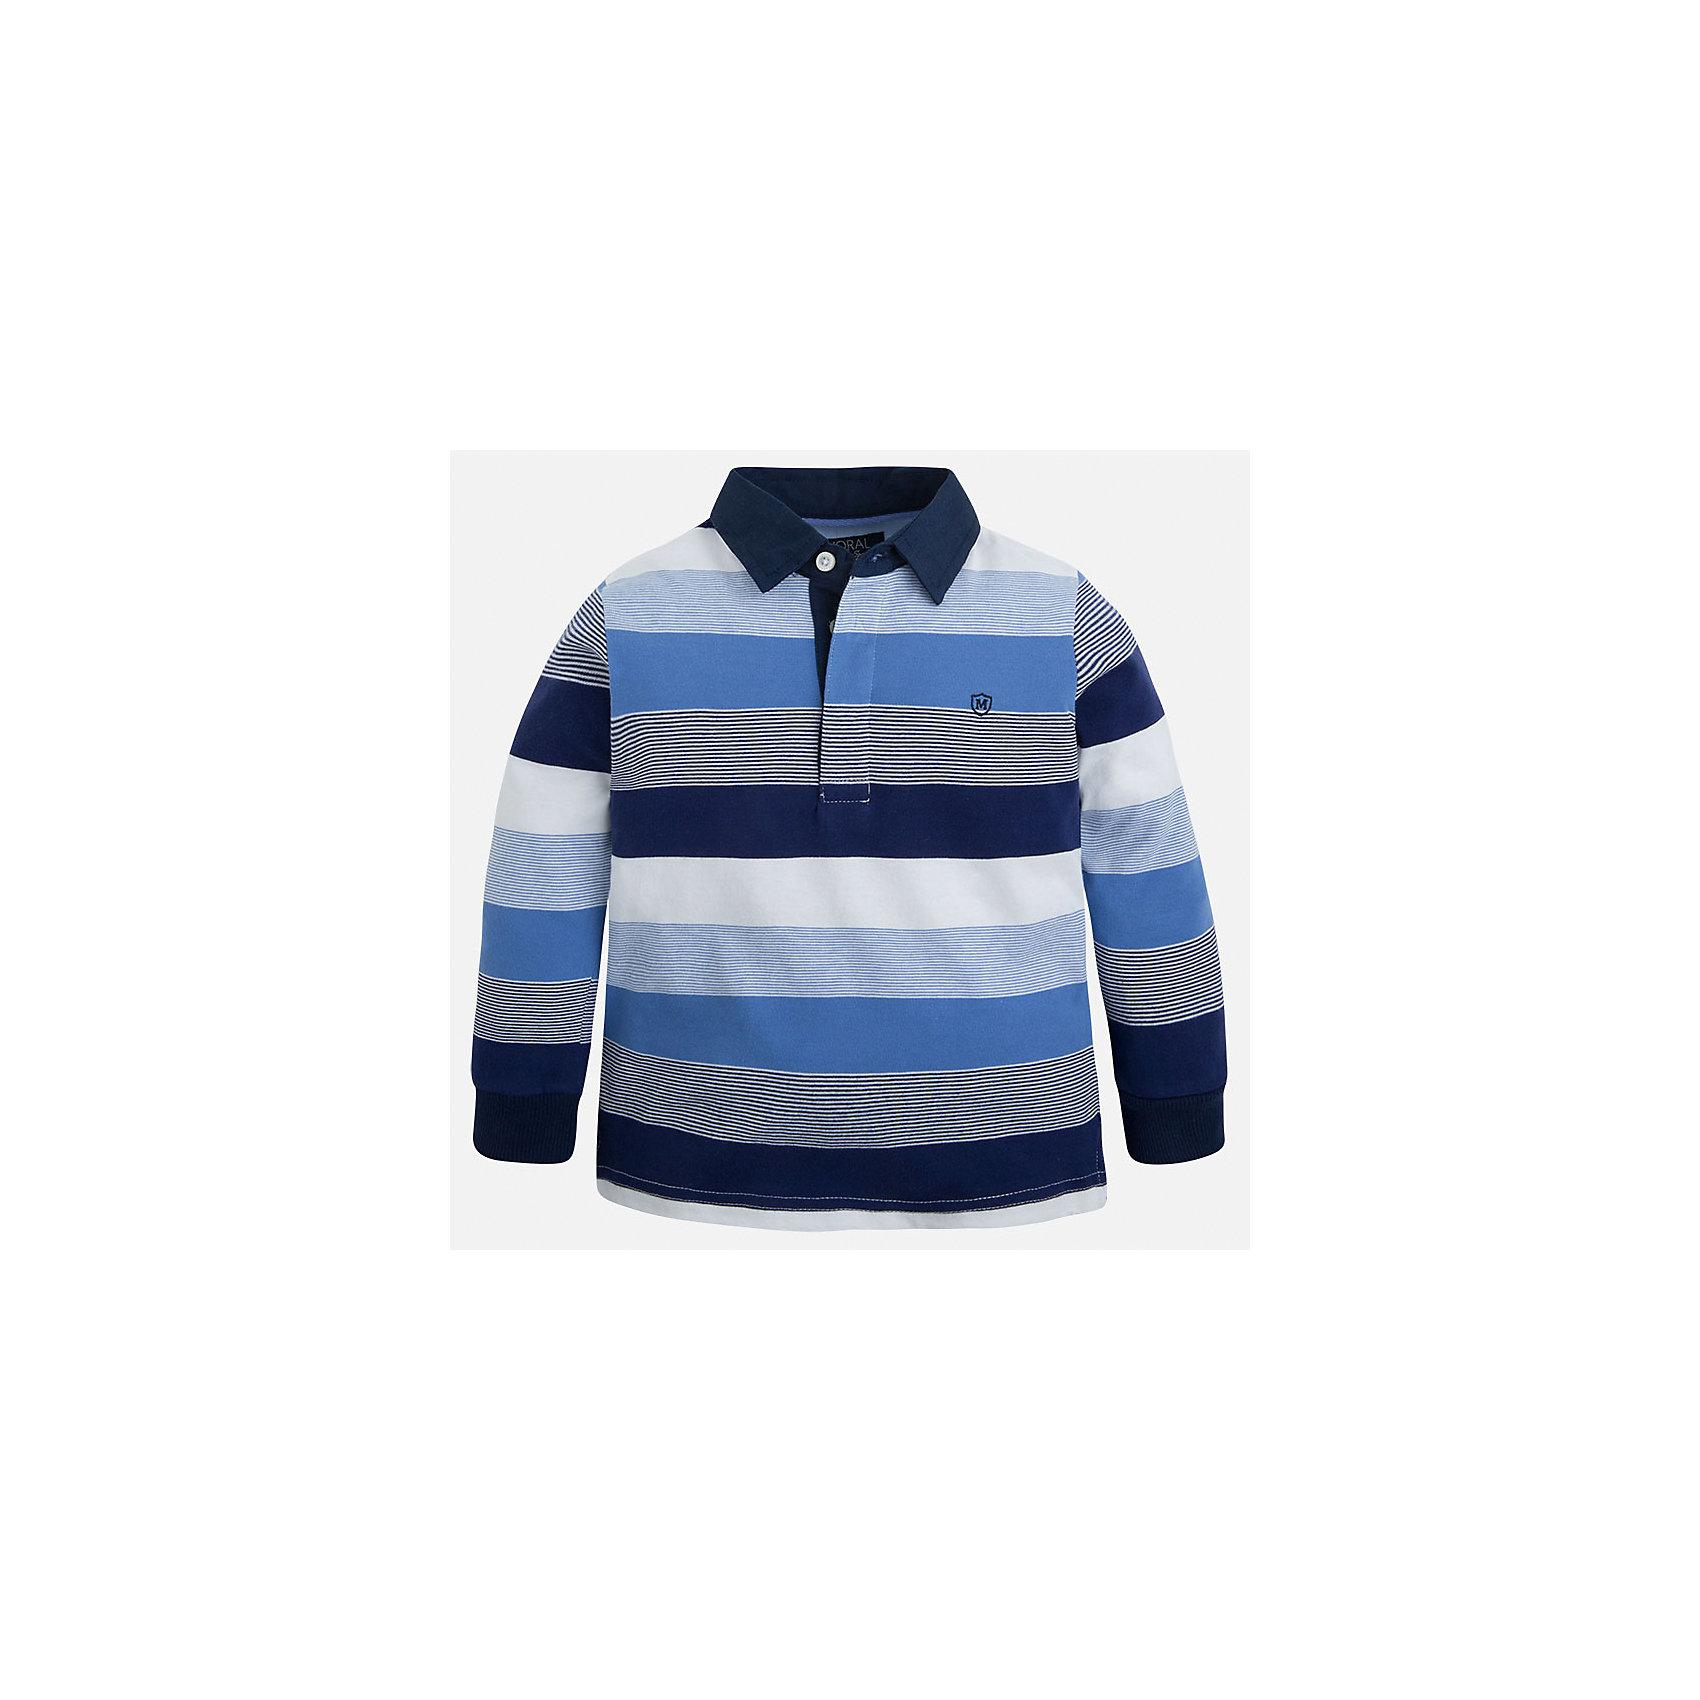 Футболка-поло с длинным рукавом для мальчика MayoralФутболки с длинным рукавом<br>Характеристики товара:<br><br>• цвет: синий/белый/голубой<br>• состав: 100% хлопок<br>• отложной воротник<br>• длинные рукава<br>• застежка: пуговицы<br>• вышивка на груди<br>• страна бренда: Испания<br><br>Удобная модная рубашка-поло для мальчика может стать базовой вещью в гардеробе ребенка. Она отлично сочетается с брюками, шортами, джинсами и т.д. Универсальный крой и цвет позволяет подобрать к вещи низ разных расцветок. Практичное и стильное изделие! В составе материала - только натуральный хлопок, гипоаллергенный, приятный на ощупь, дышащий.<br><br>Одежда, обувь и аксессуары от испанского бренда Mayoral полюбились детям и взрослым по всему миру. Модели этой марки - стильные и удобные. Для их производства используются только безопасные, качественные материалы и фурнитура. Порадуйте ребенка модными и красивыми вещами от Mayoral! <br><br>Рубашку-поло для мальчика от испанского бренда Mayoral (Майорал) можно купить в нашем интернет-магазине.<br><br>Ширина мм: 230<br>Глубина мм: 40<br>Высота мм: 220<br>Вес г: 250<br>Цвет: белый<br>Возраст от месяцев: 36<br>Возраст до месяцев: 48<br>Пол: Мужской<br>Возраст: Детский<br>Размер: 134,128,122,110,98,92,116,104<br>SKU: 5272162